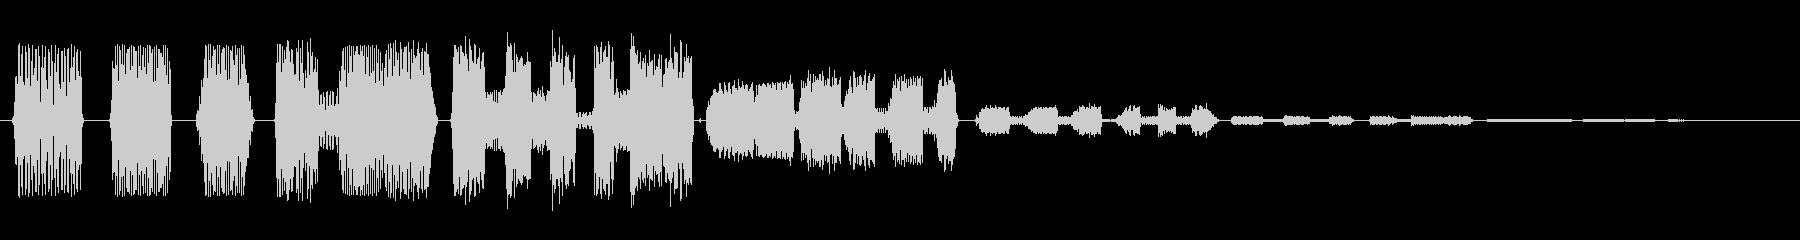 プルプルプル(高い間欠音の効果音)の未再生の波形